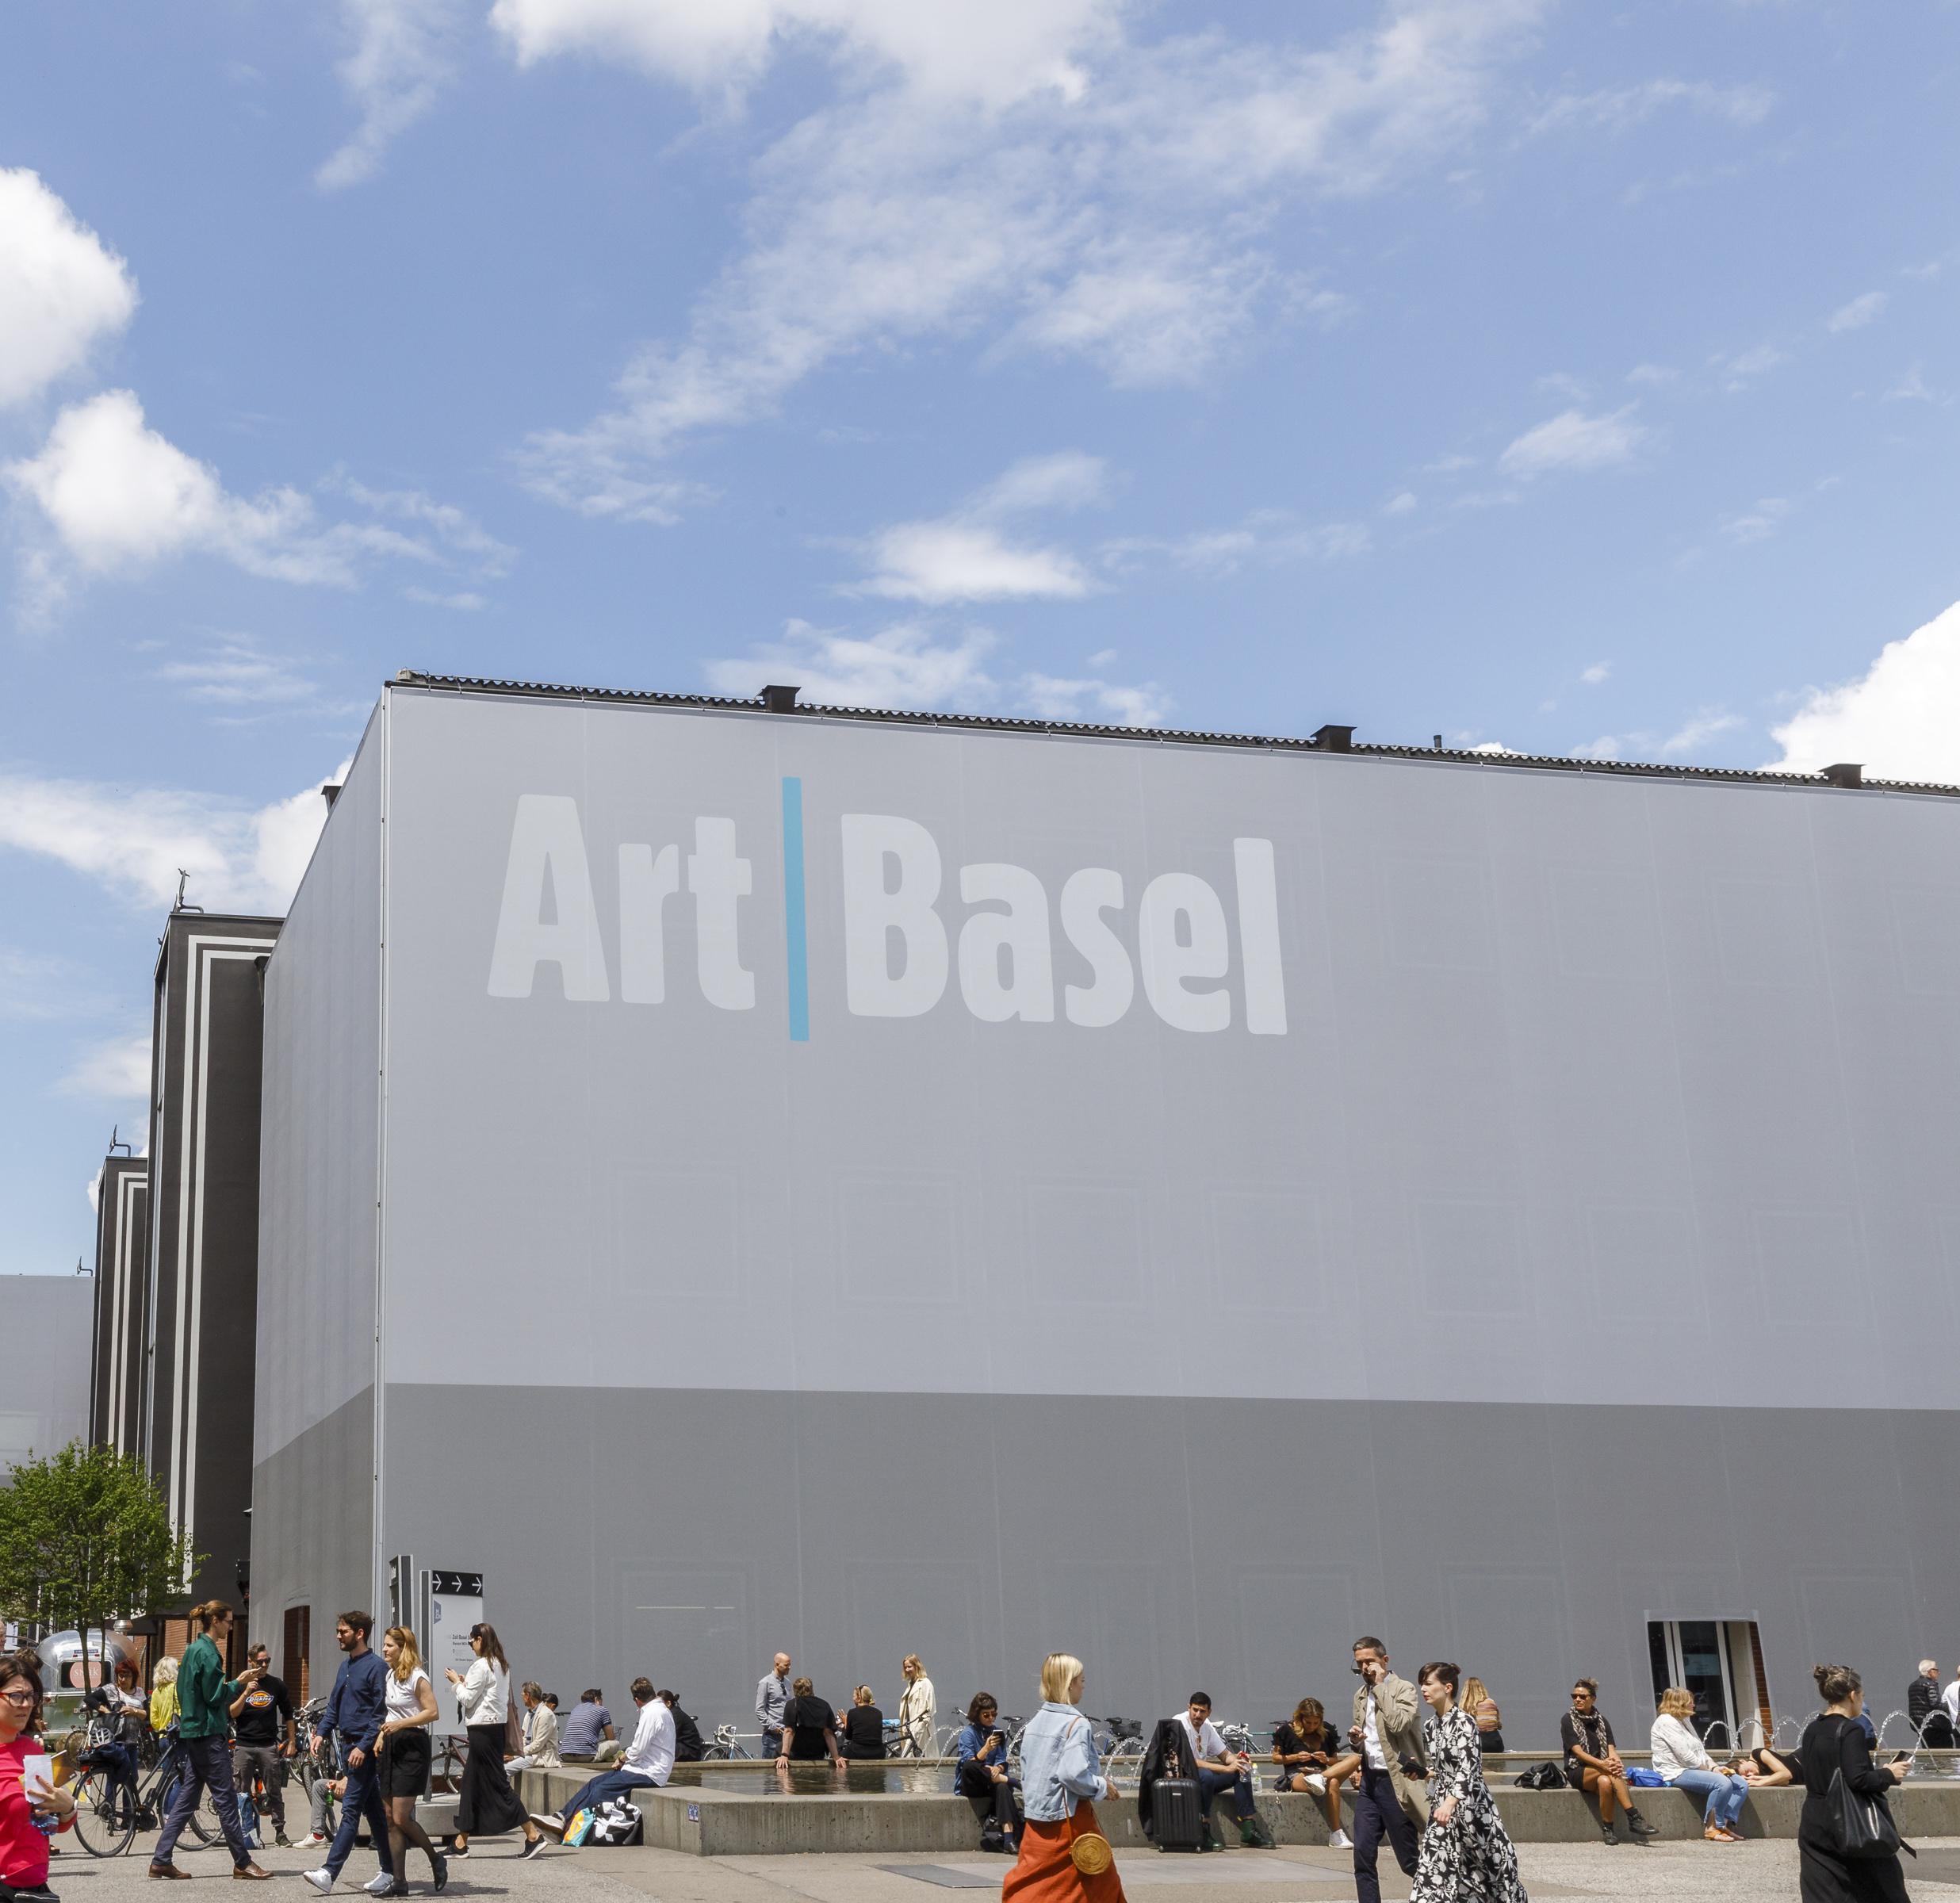 لیست گالری ها و هنرمندان شرکت کننده در آرتبازل 2020 اعلام شد.